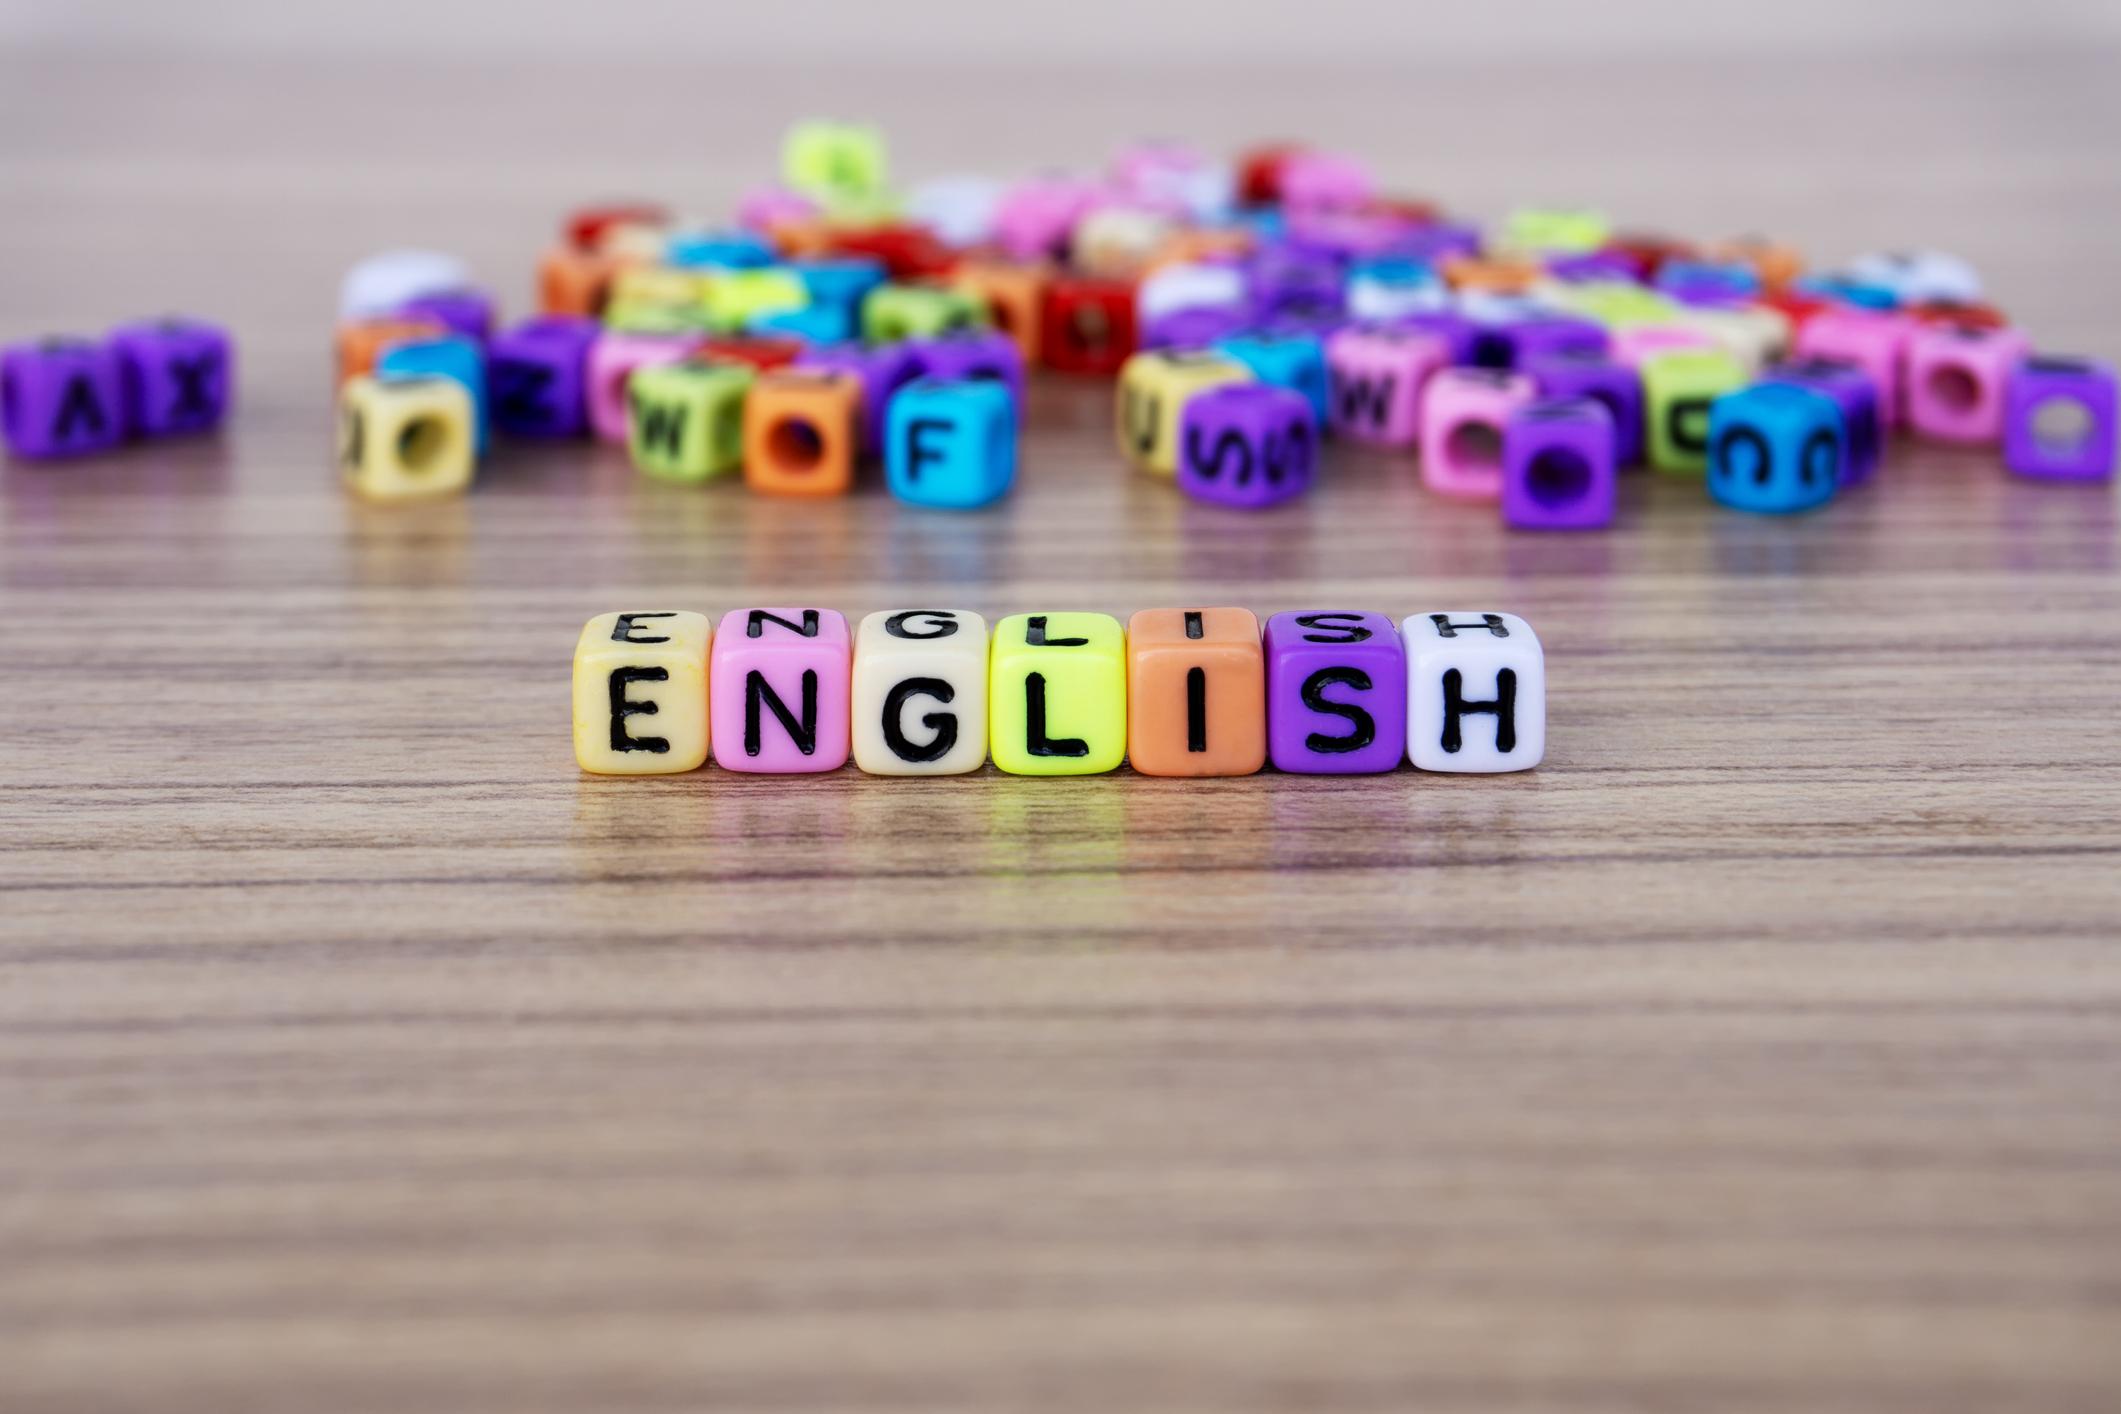 Idiom bahasa Inggris memiliki makna kiasan, meskipun ada juga yang harfiah - Edu2Review